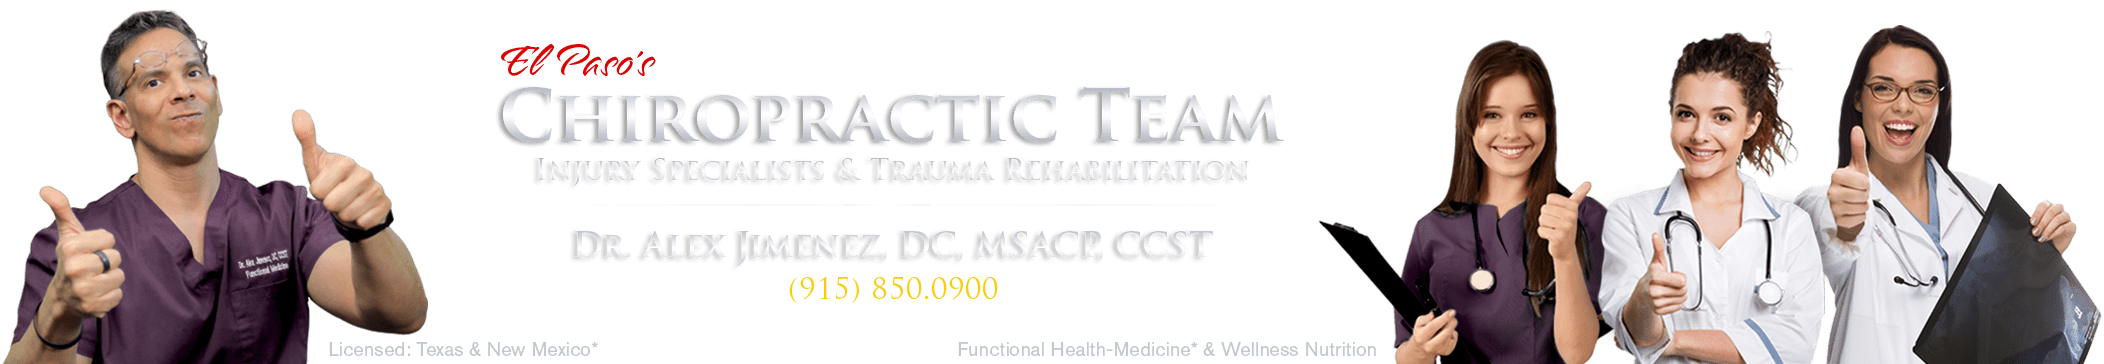 Clínica Quiropráctica Premier de El Paso 915-850-0900